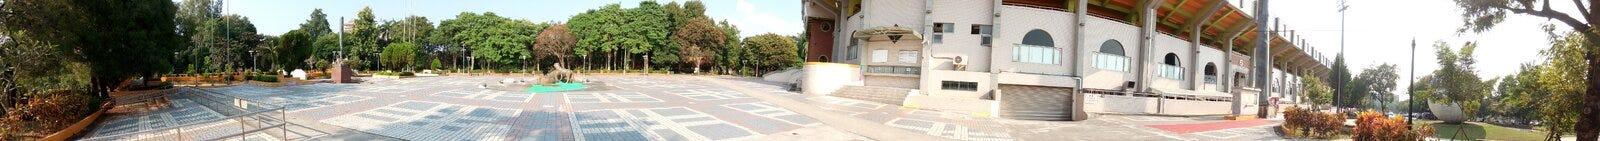 Panorama - plaza fora do estádio de basebol da cidade de Chiayi fotografia de stock royalty free